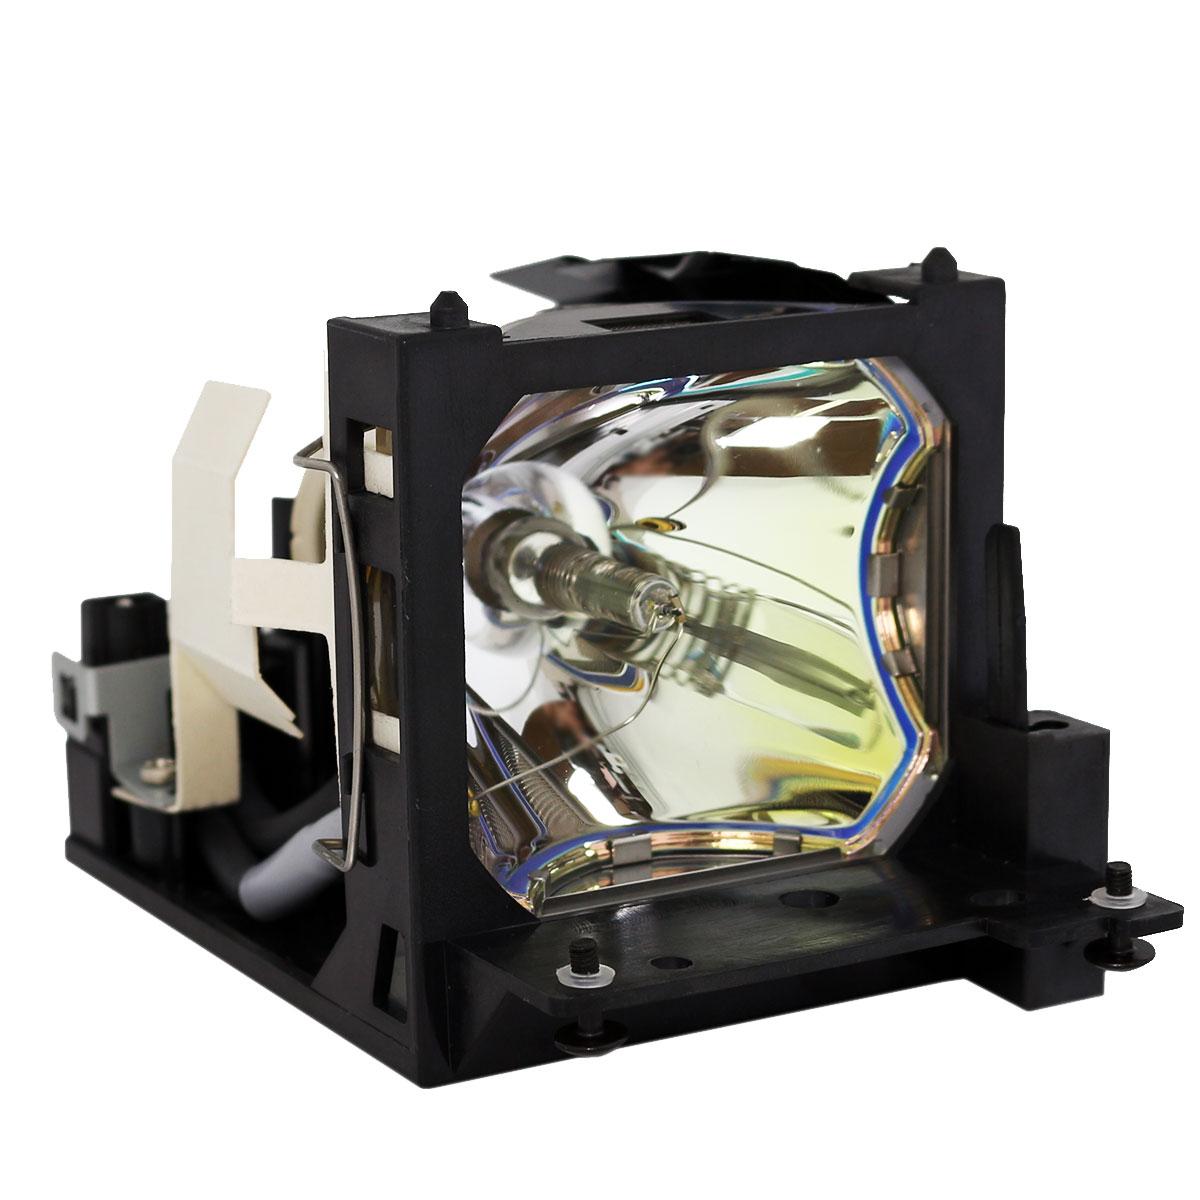 Усио первоначально снабжение жилищем светильника для Хитачи CP-HX2080 / CPHX2080 DLP-проектор ЖК